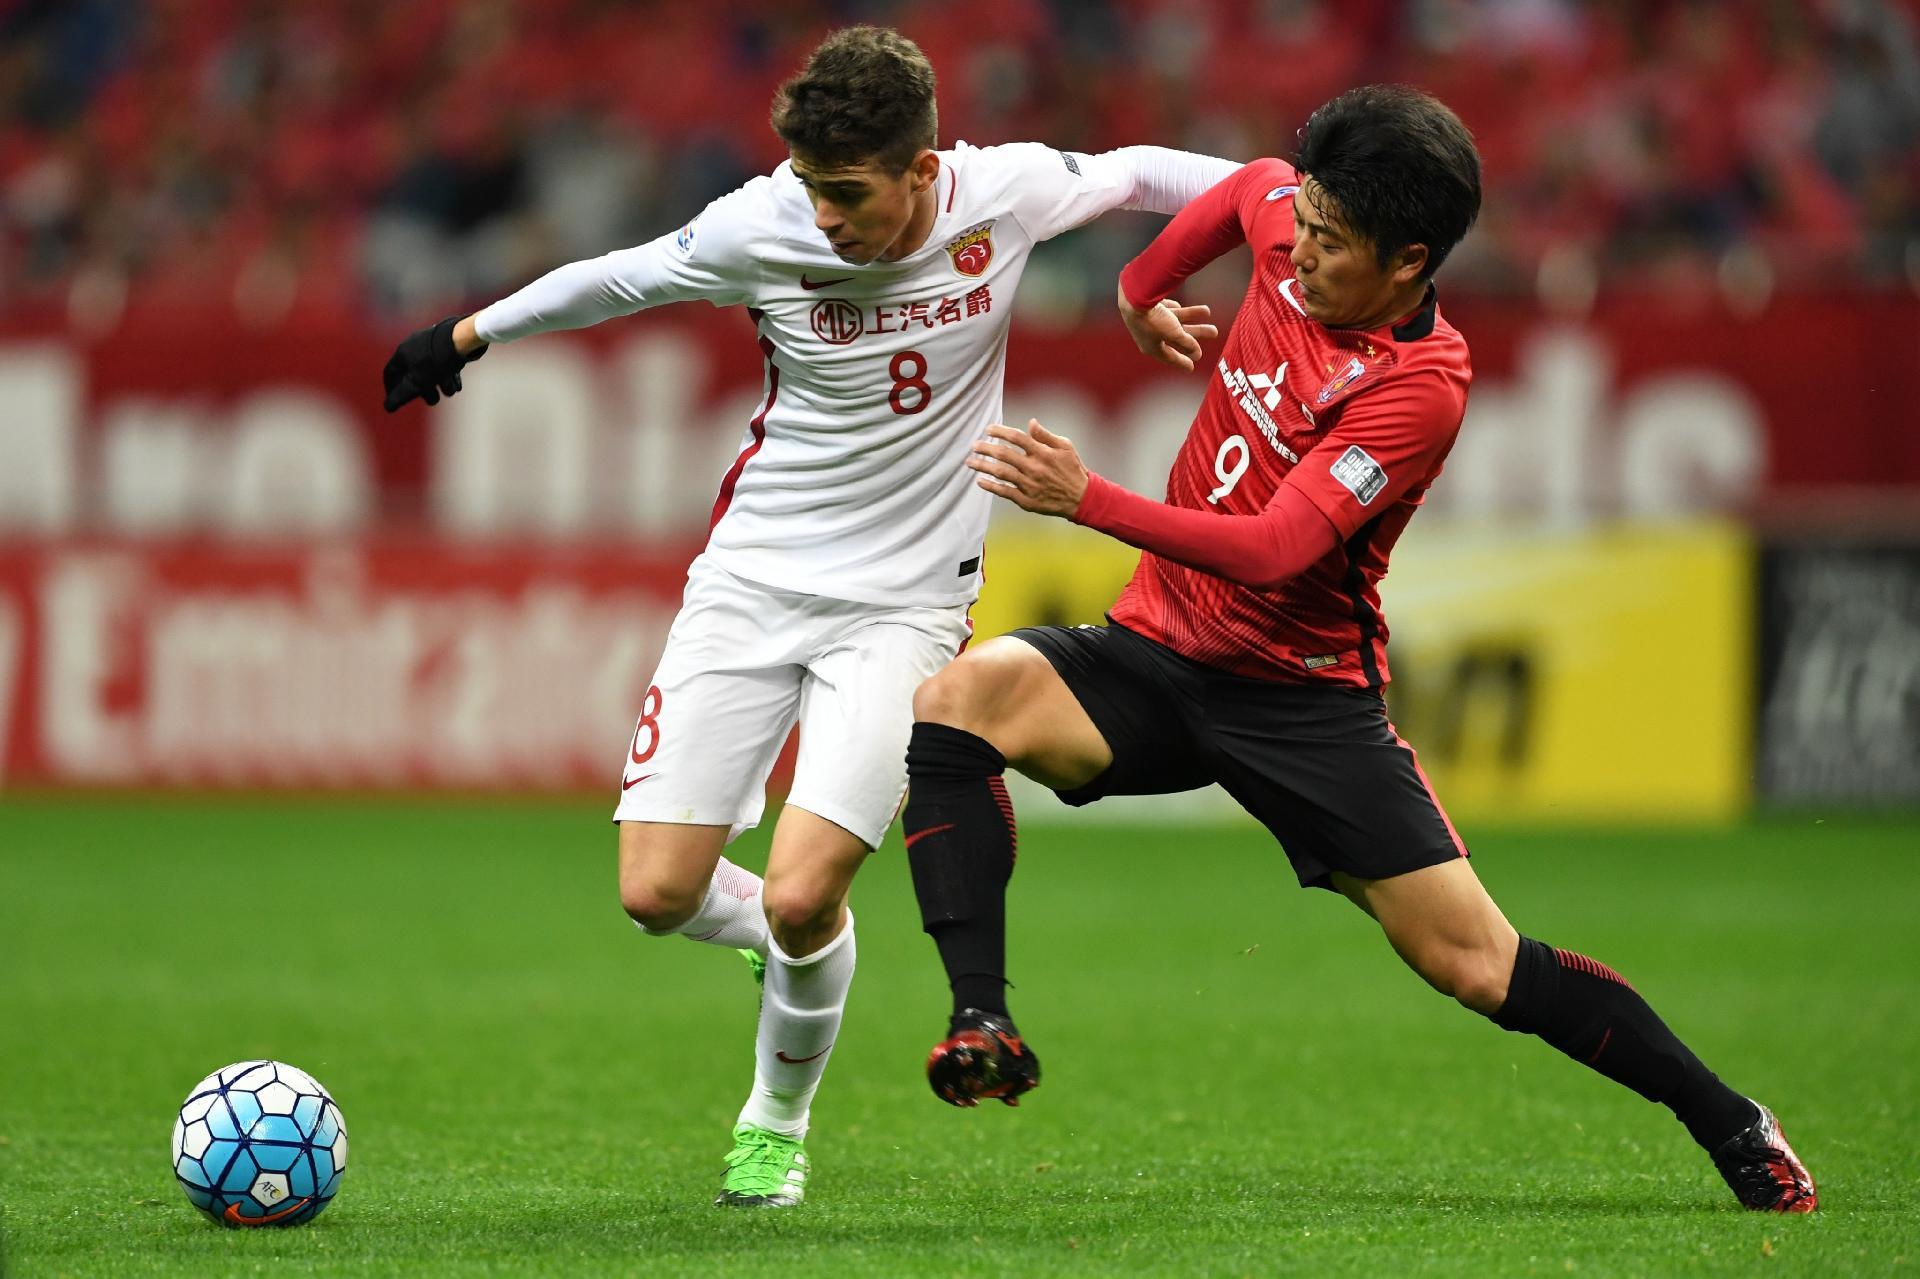 Oscar brilha em goleada do Shanghai SIPG na liga chinesa com dois gols -  28 07 2018 - UOL Esporte f3142e0d0d6b4